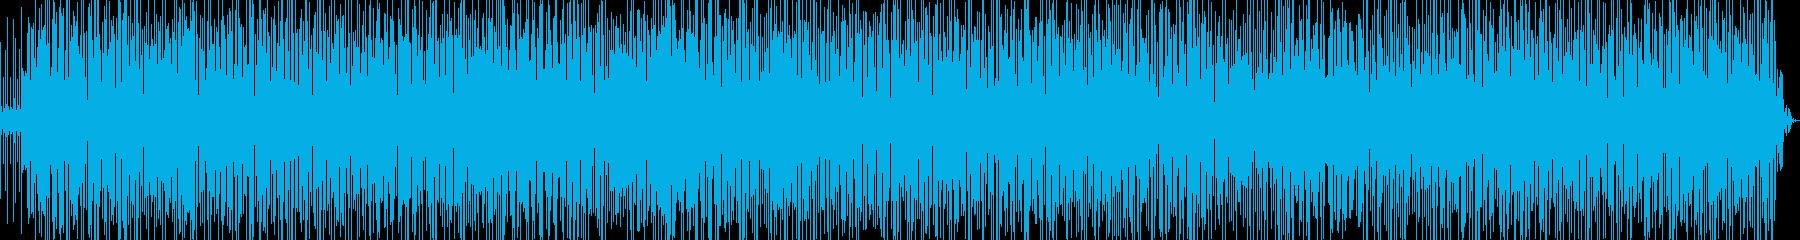 生演奏 軽快なラテンファンク Ver.3の再生済みの波形